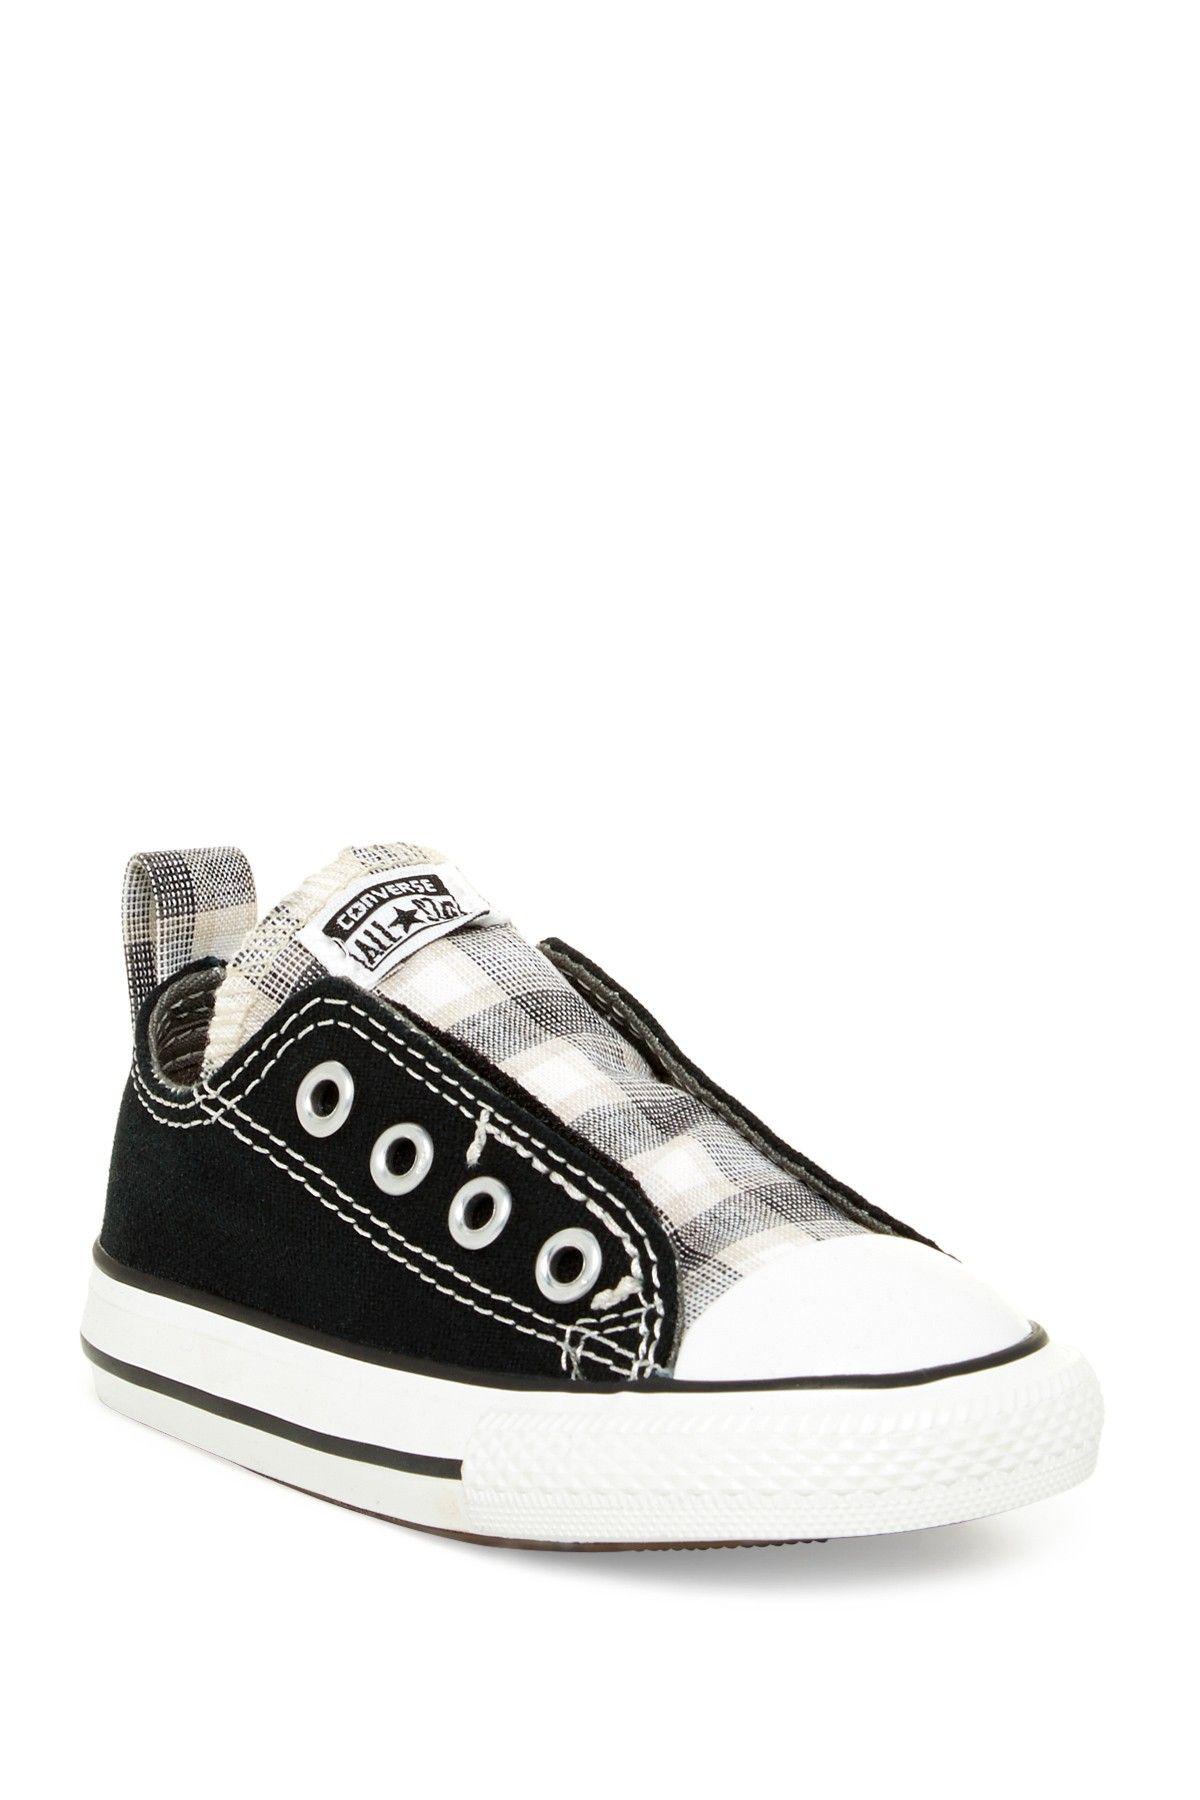 e2644d6d9fee Converse | Simple Slip-On Sneaker Baby Joey, Kids Footwear, I Love My